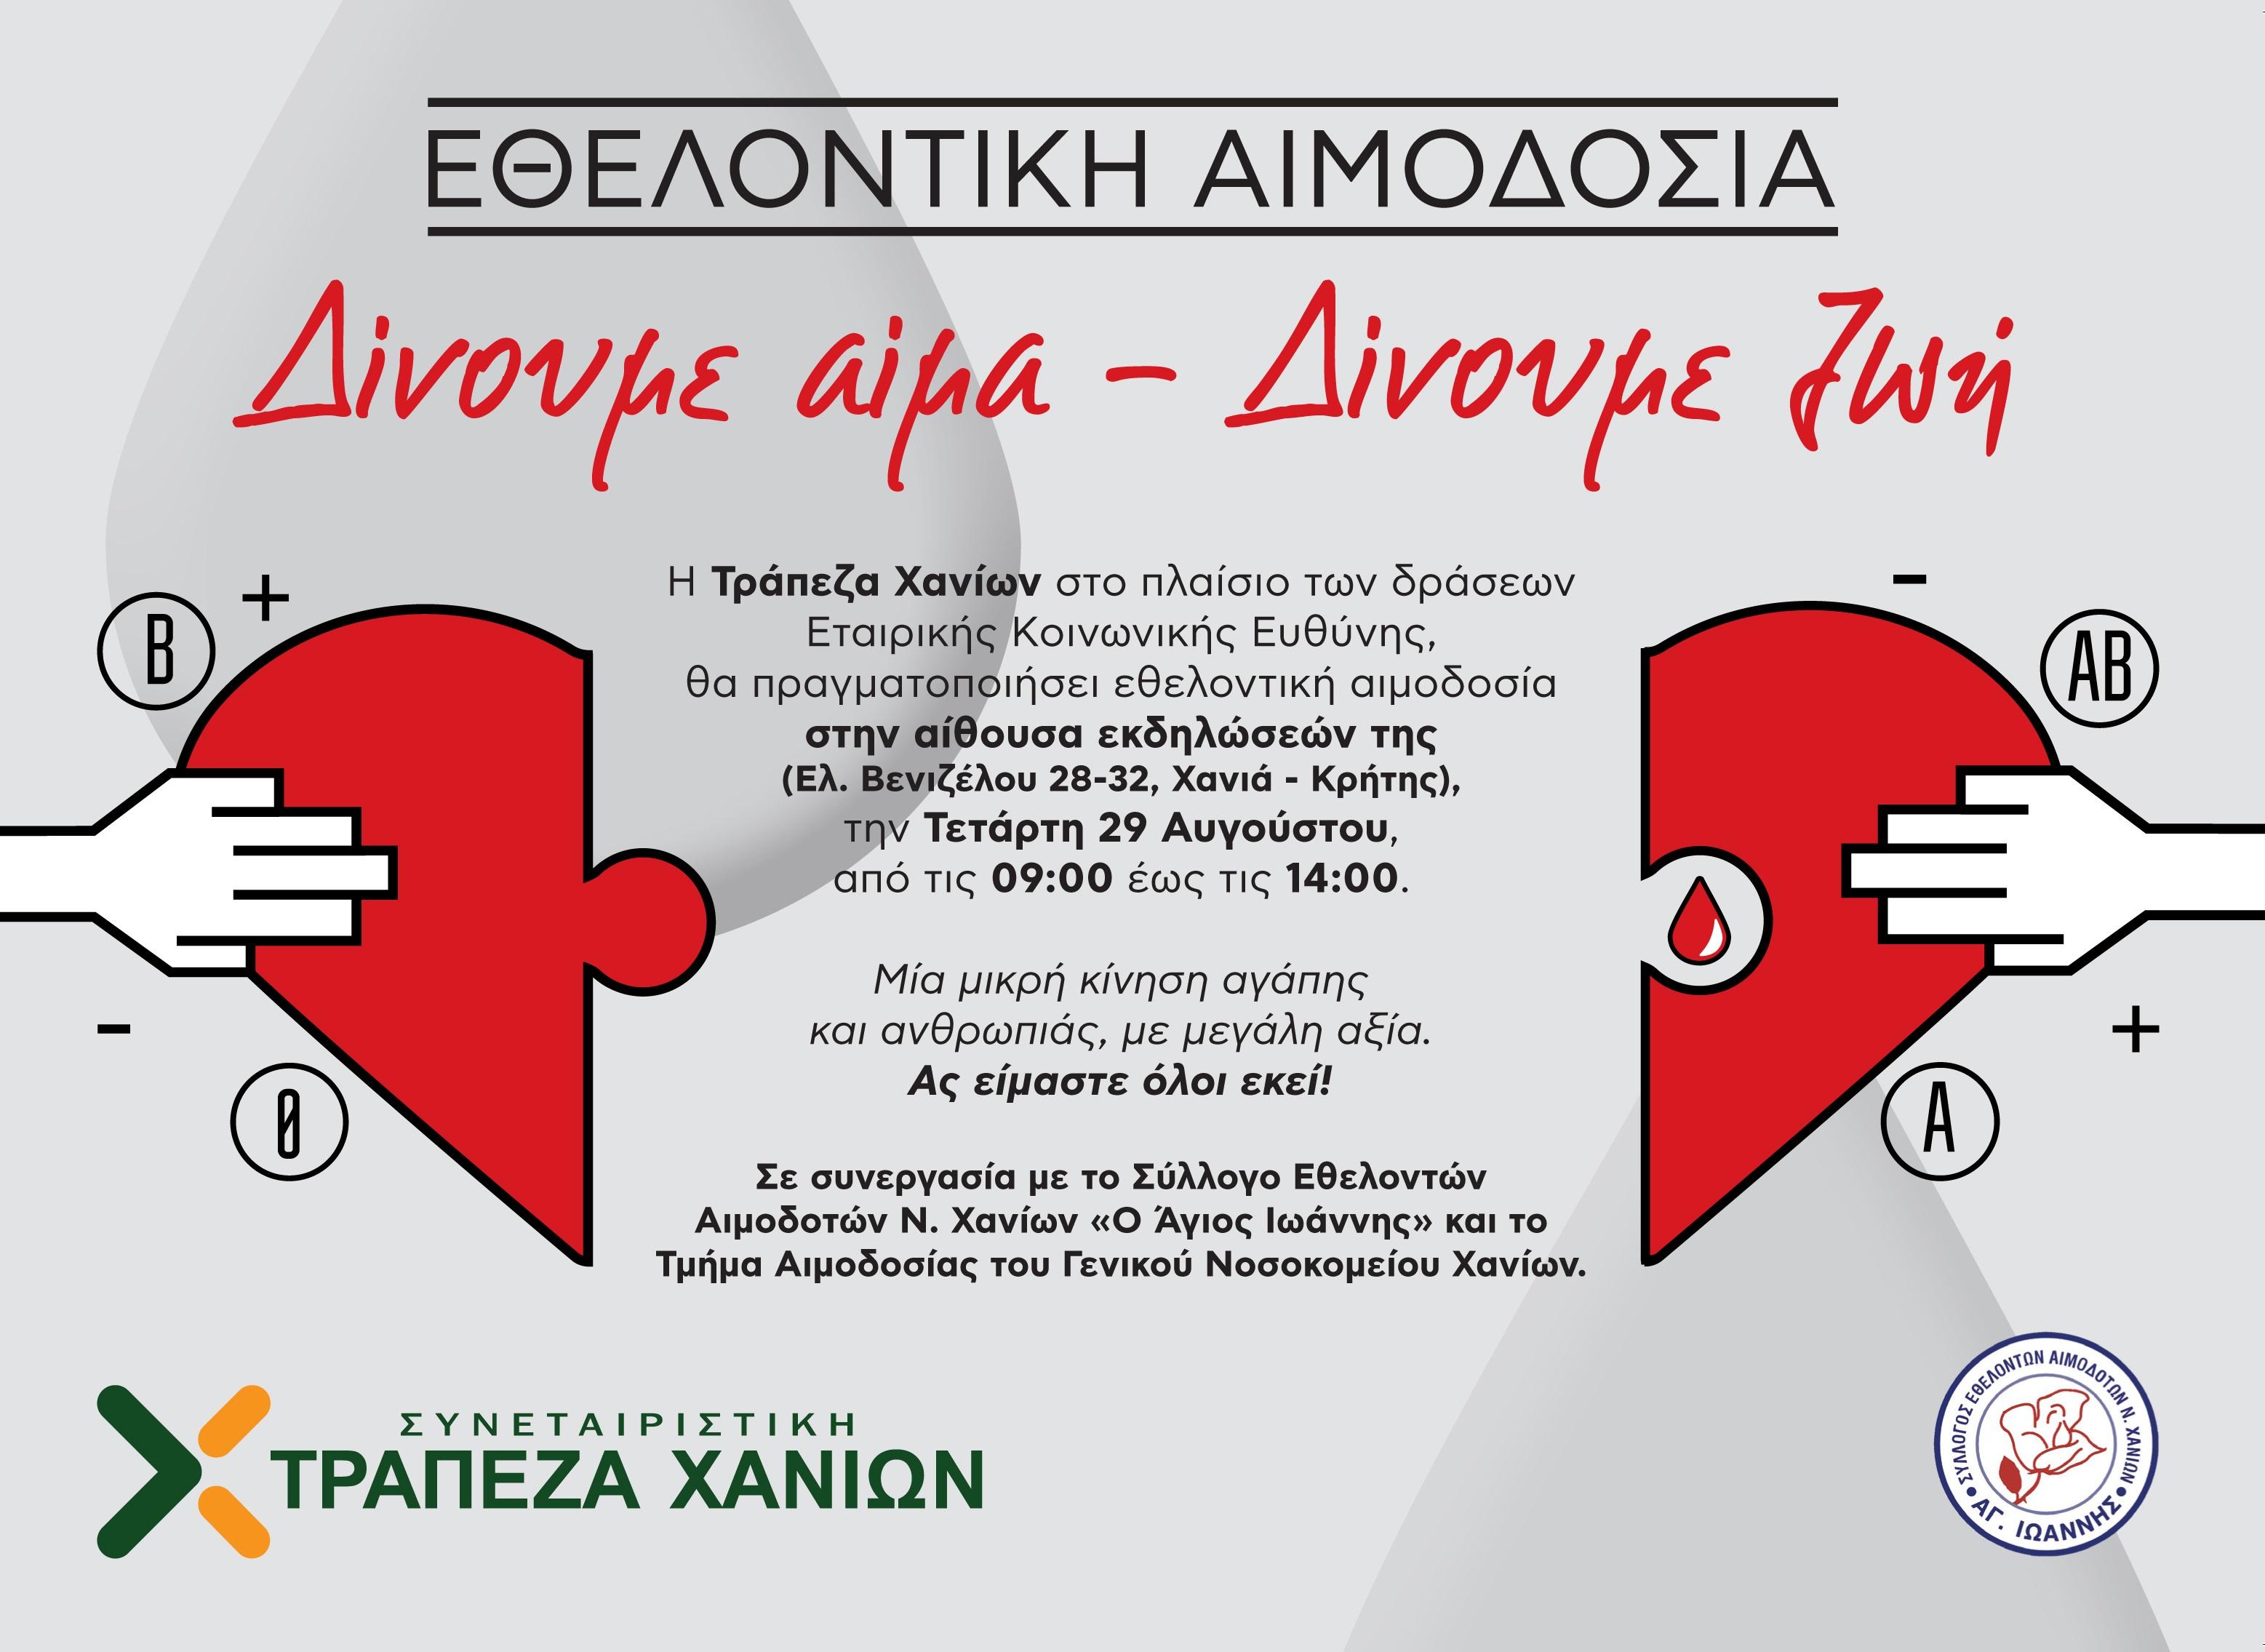 ETHELONTIKH AIMODOSIA